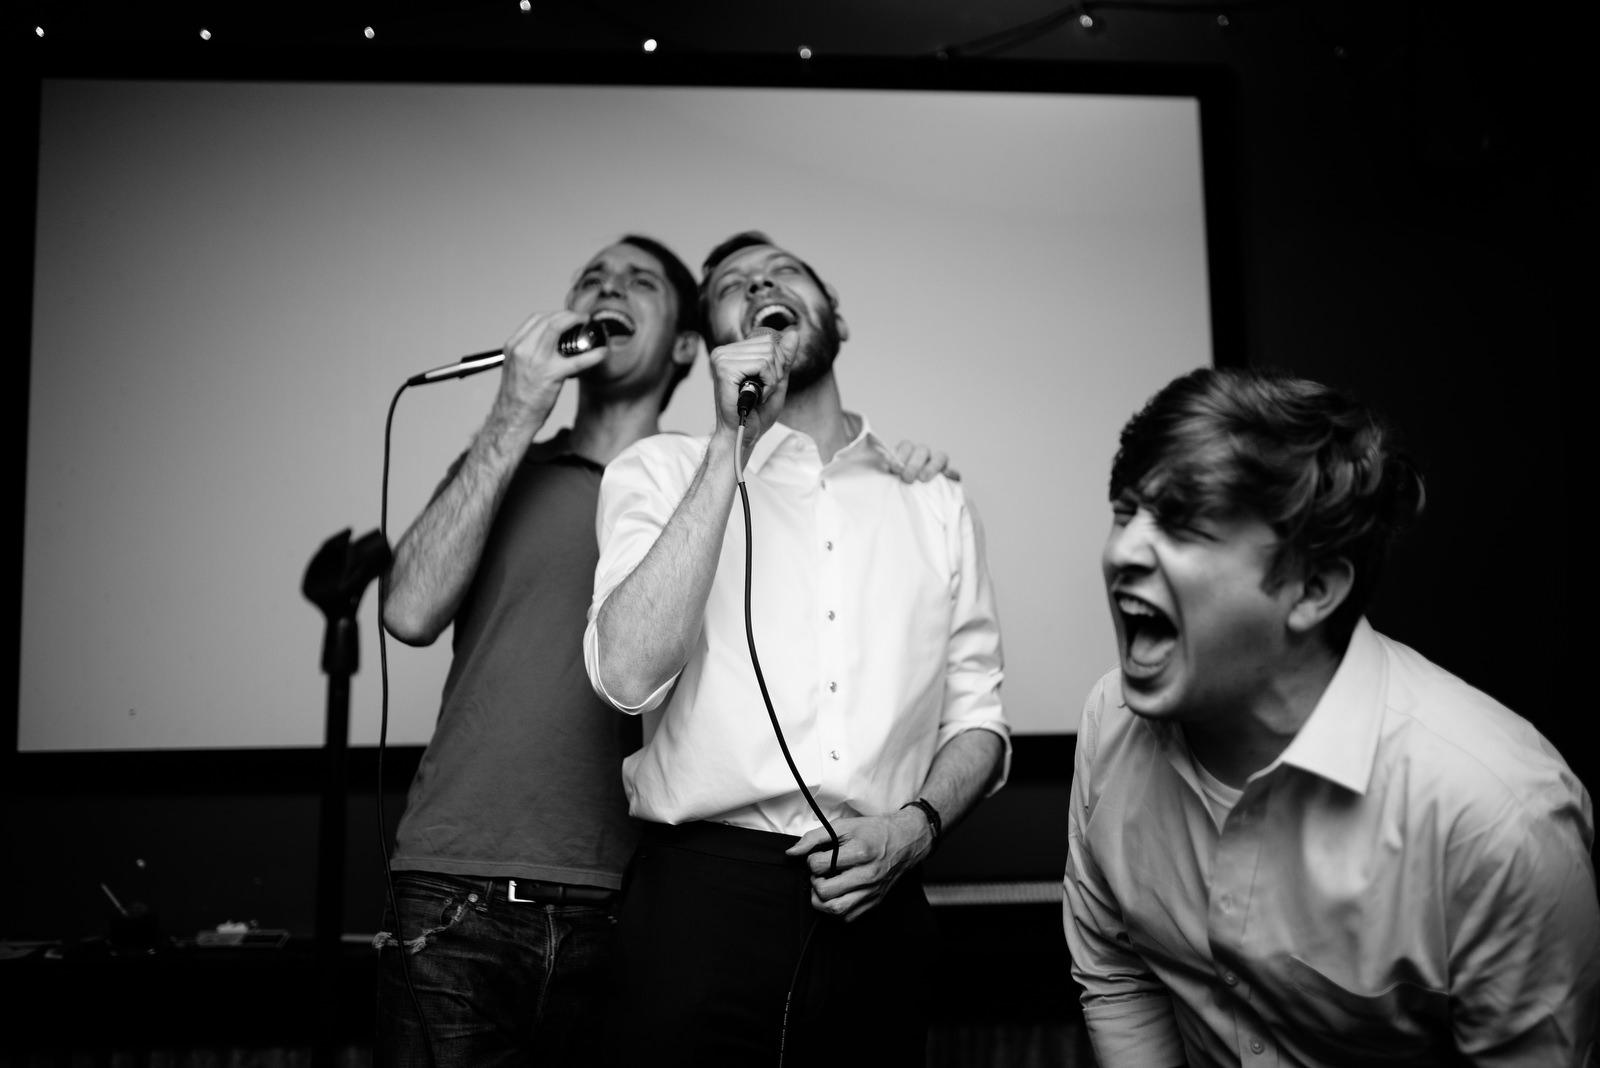 singing harvey danger karaoke wedding afterparty karaoke best friends bar lexington ky